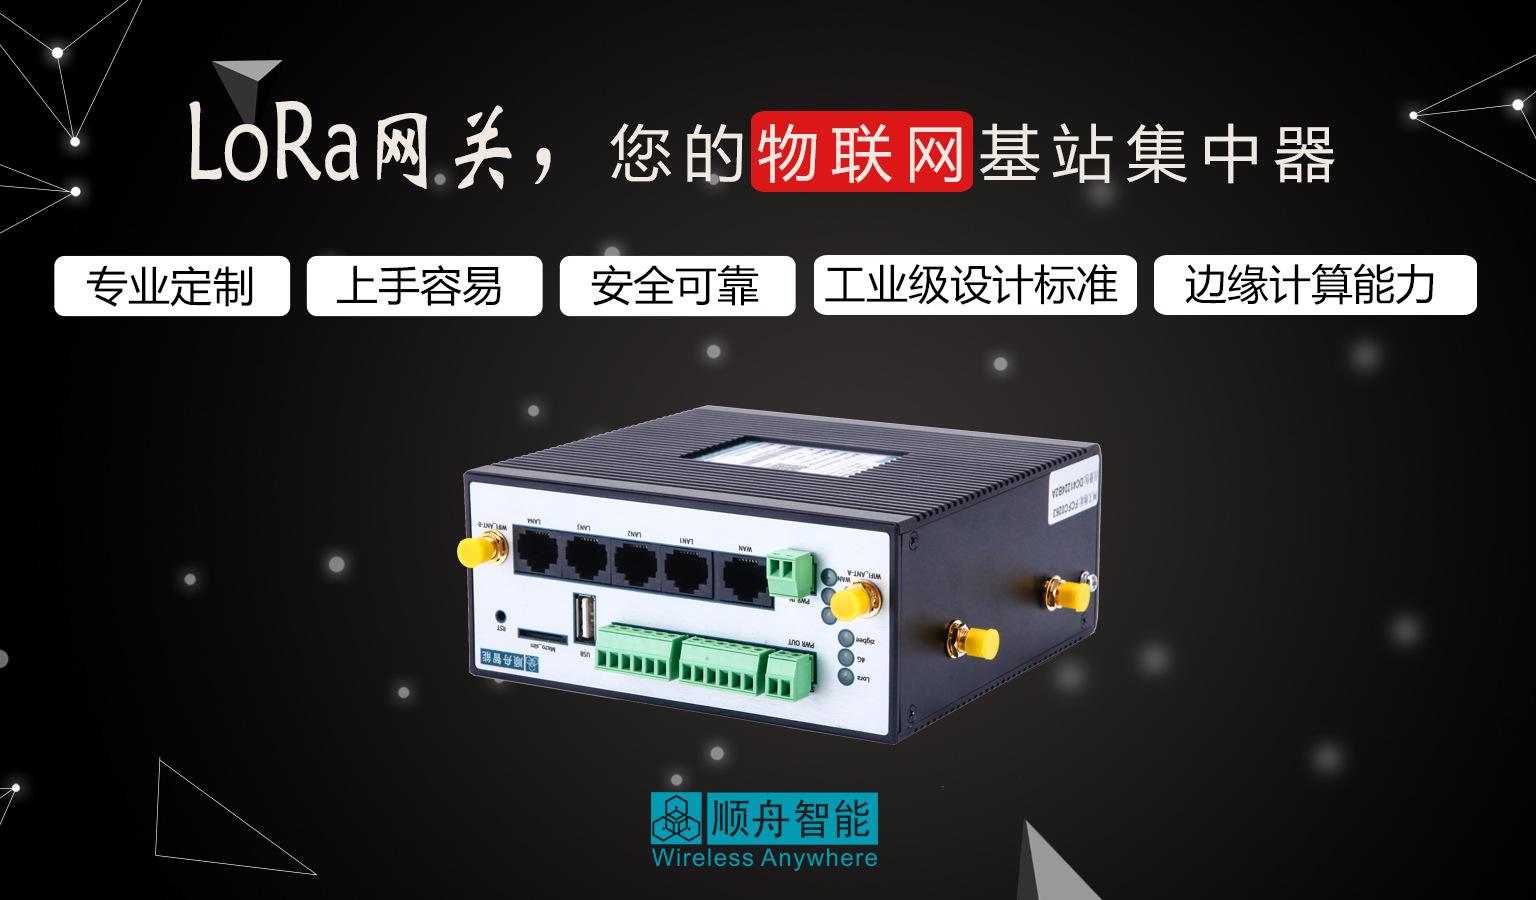 无线通讯lora物联网网关 接口丰富免现场布线 无线长距离数据传输示例图2